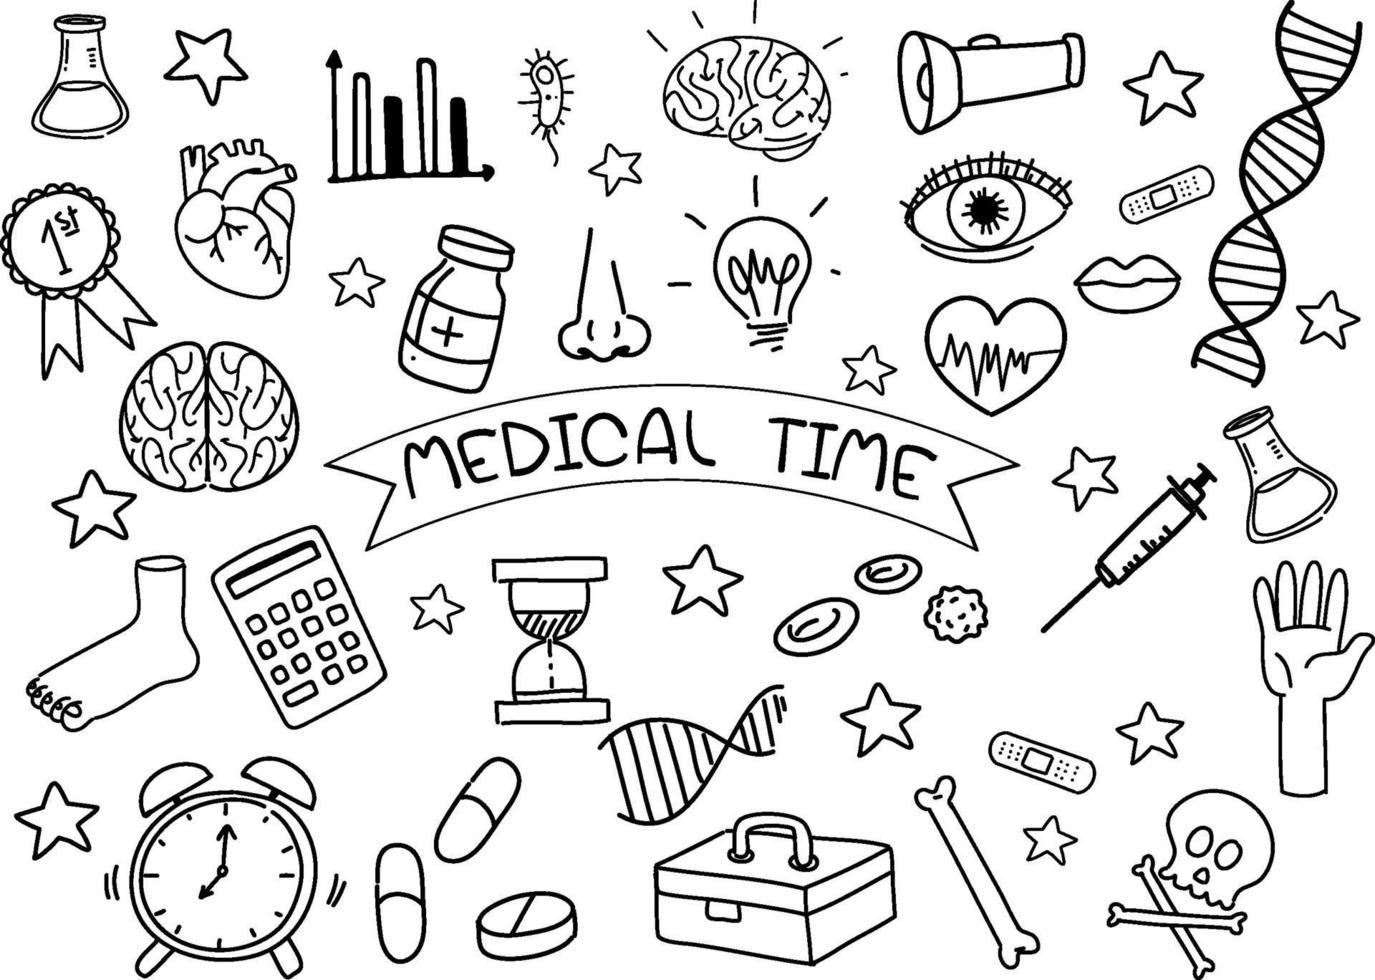 elemento médico en estilo doodle o boceto aislado sobre fondo blanco vector